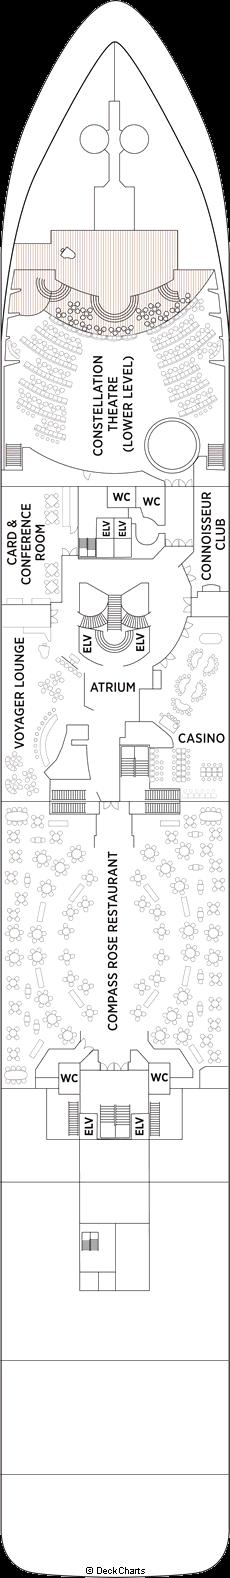 Seven Seas Voyager: Deck 4